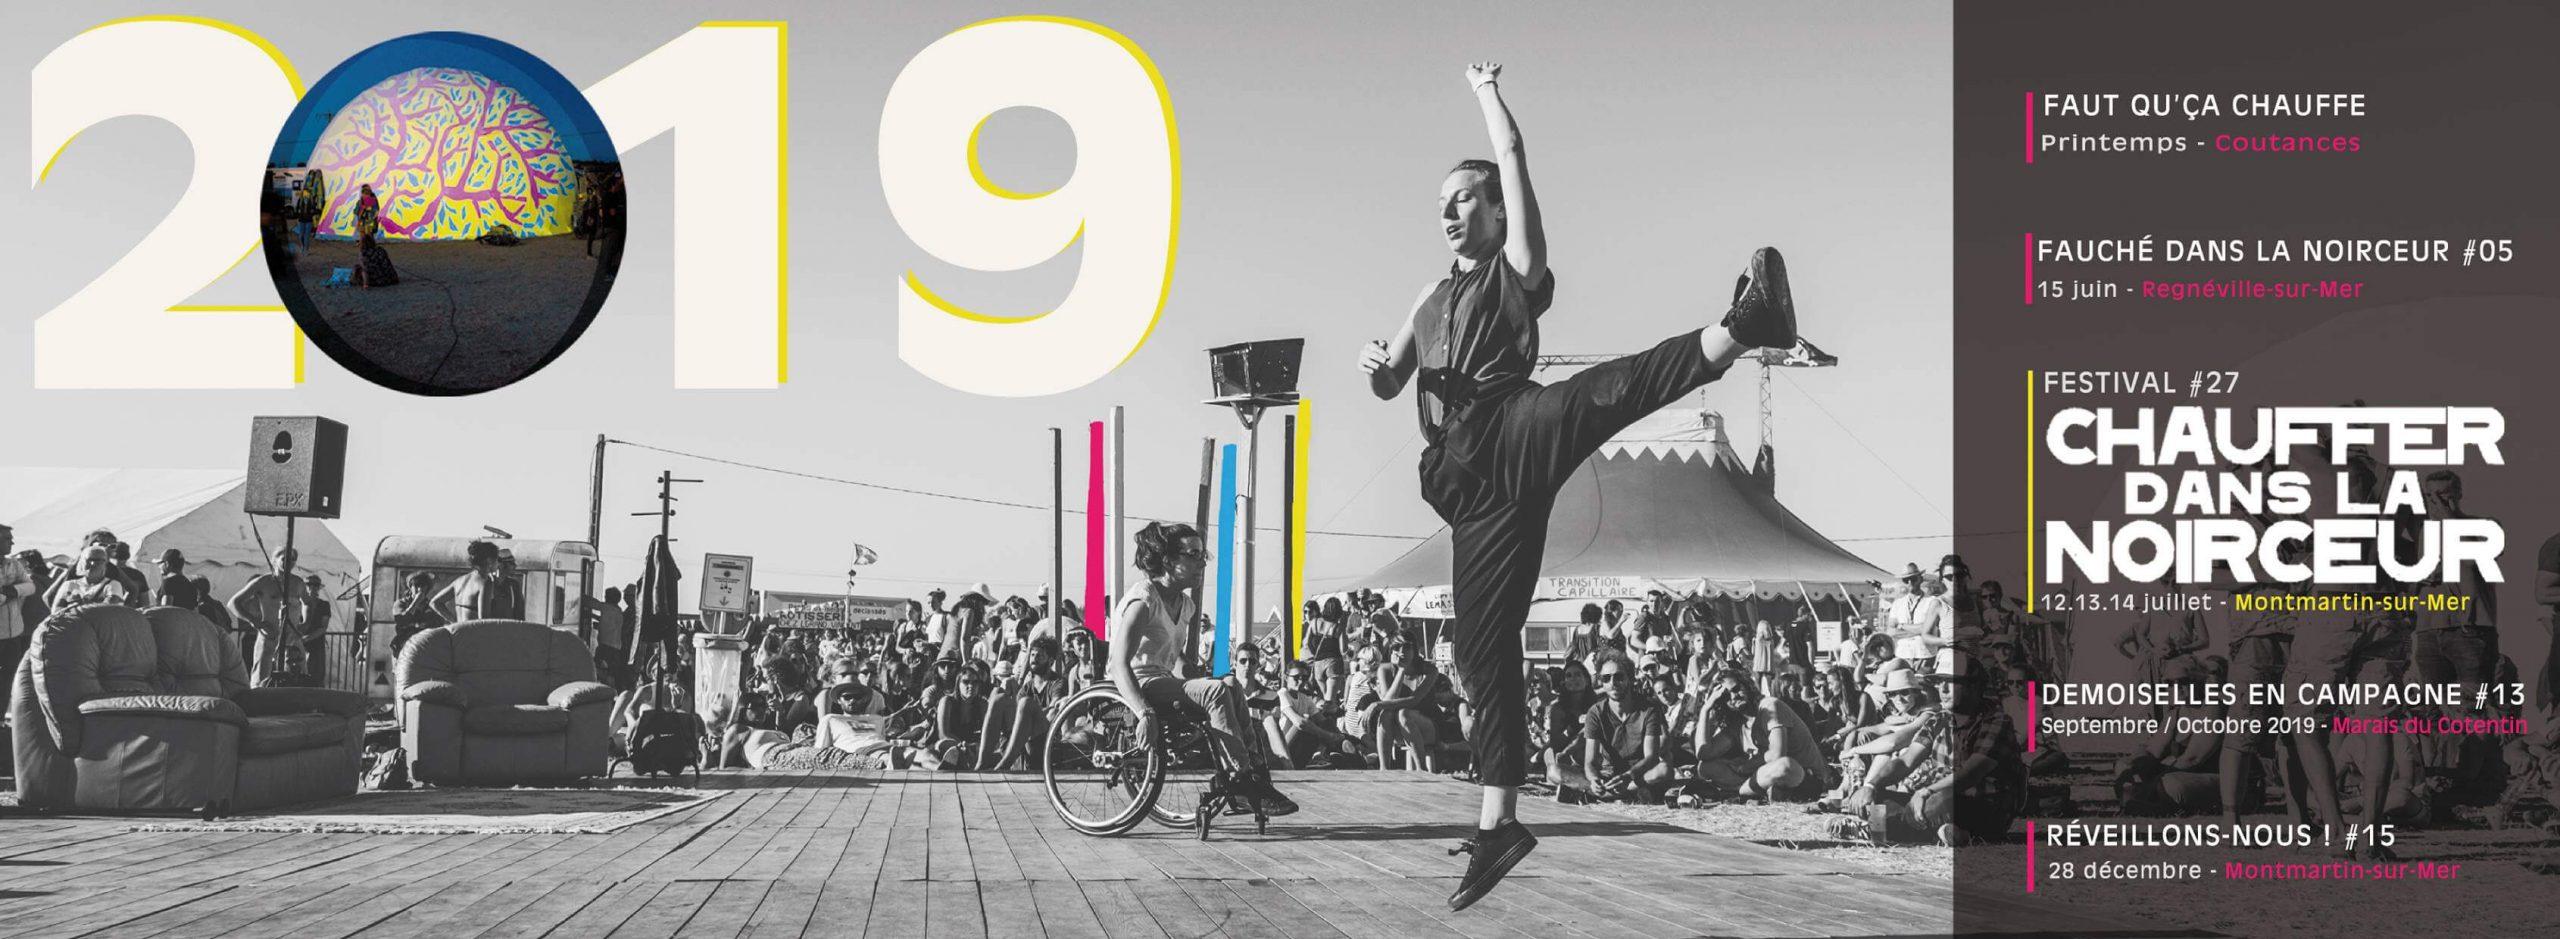 La 27e édition du festival CHAUFFER DANS LA NOIRCEUR aura lieu du 12 au 14 juillet 2019 à Montmartin/Mer (Normandie)